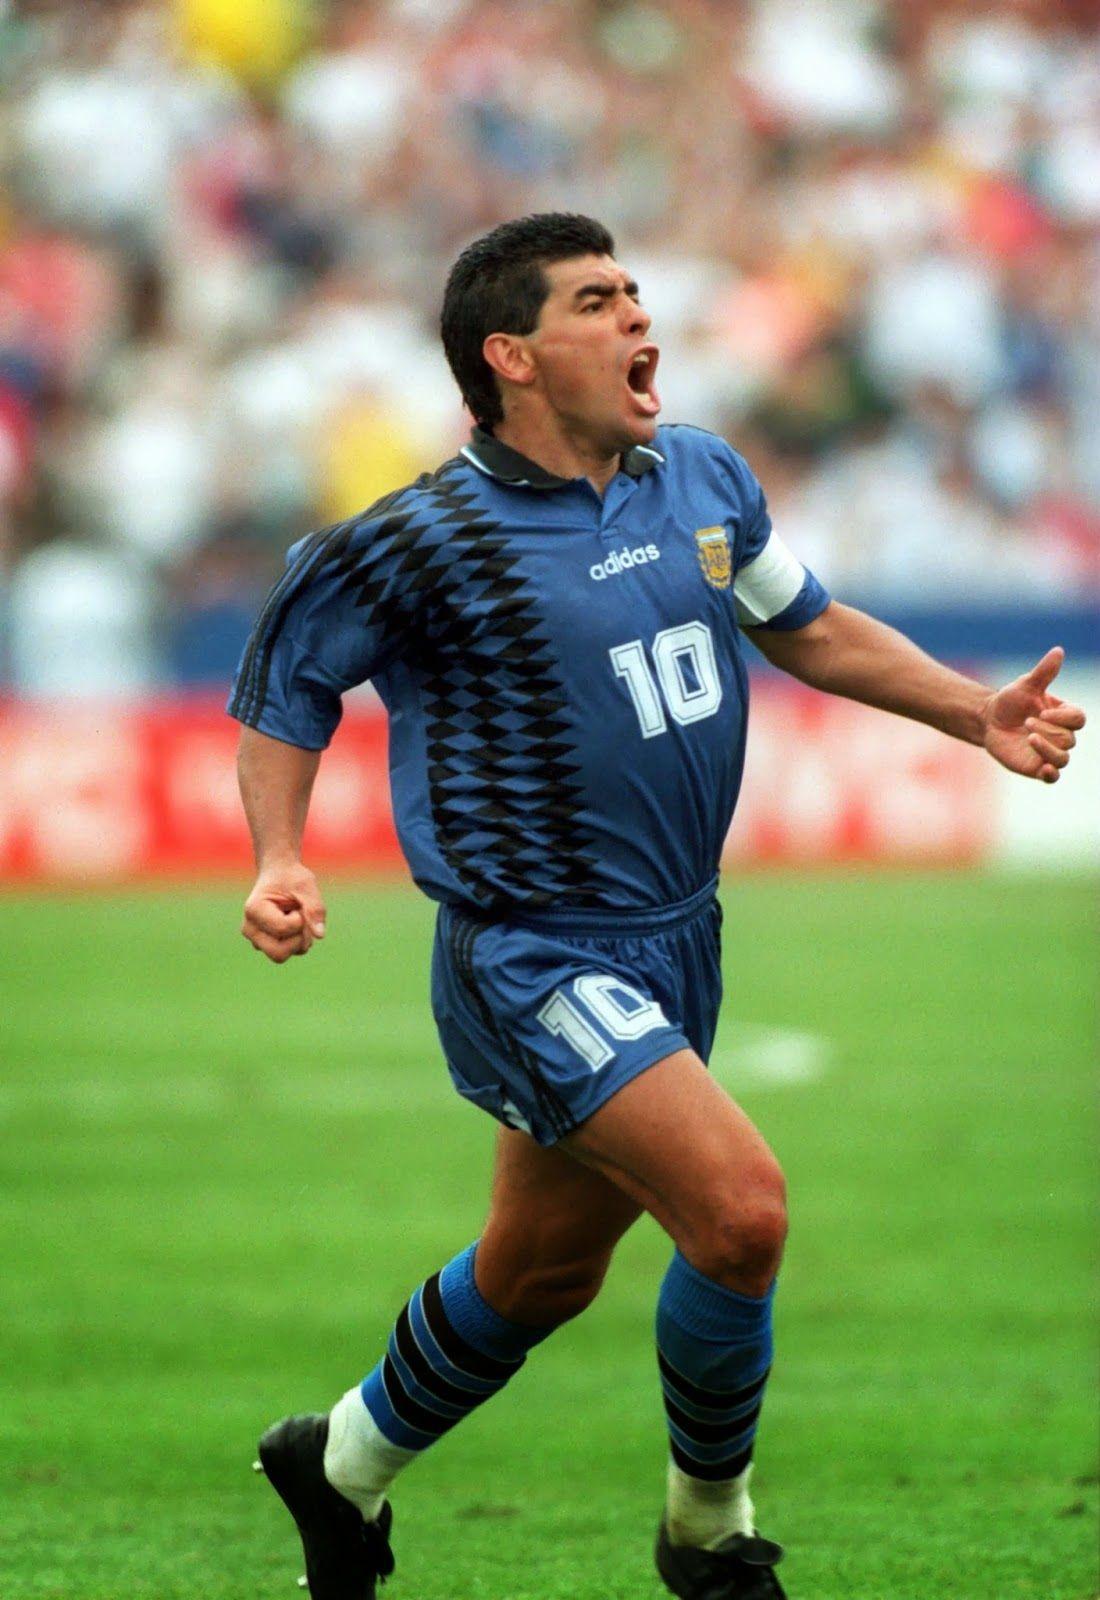 21 de Junio de 1994, Foxboro Stadium, Boston, USA. Grito de gol. Argentina debuta en la #CopaDelMundo frente a Grecia. Diego Maradona convierte su último gol en mundiales. Zurdazo al ángulo. #Golazo. #Crack #D10S #Leyenda #Legend